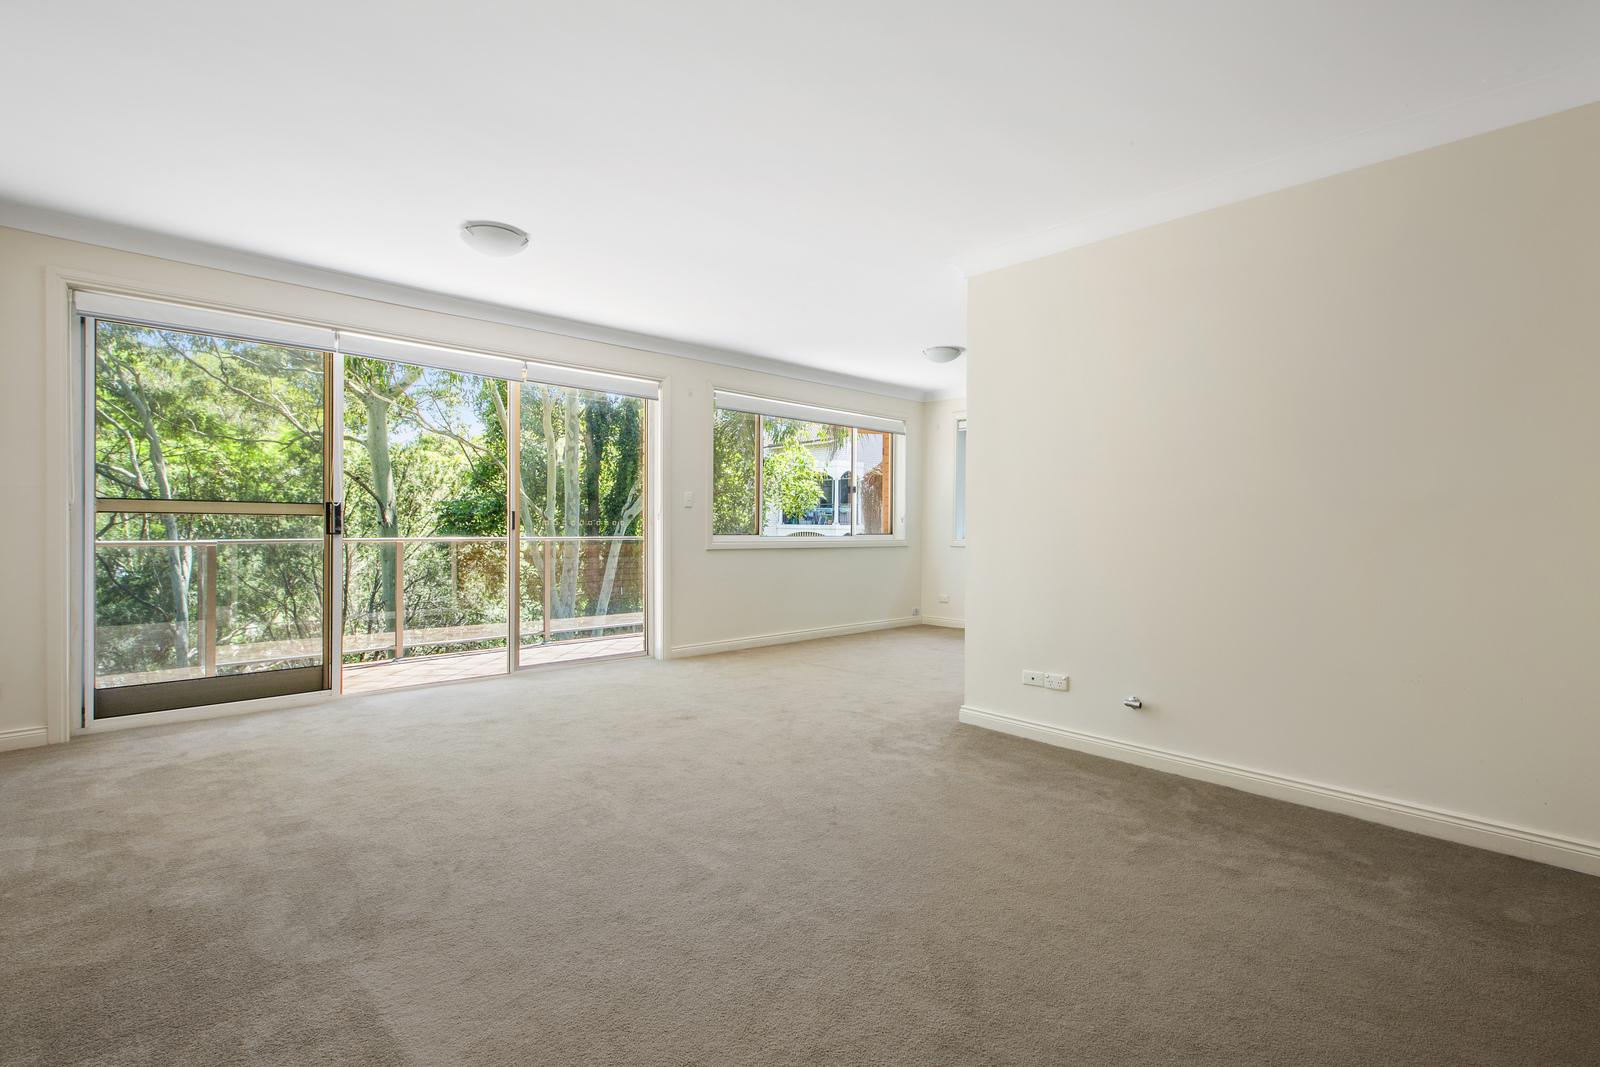 6/1 Goodchap Road, Chatswood, NSW 2067